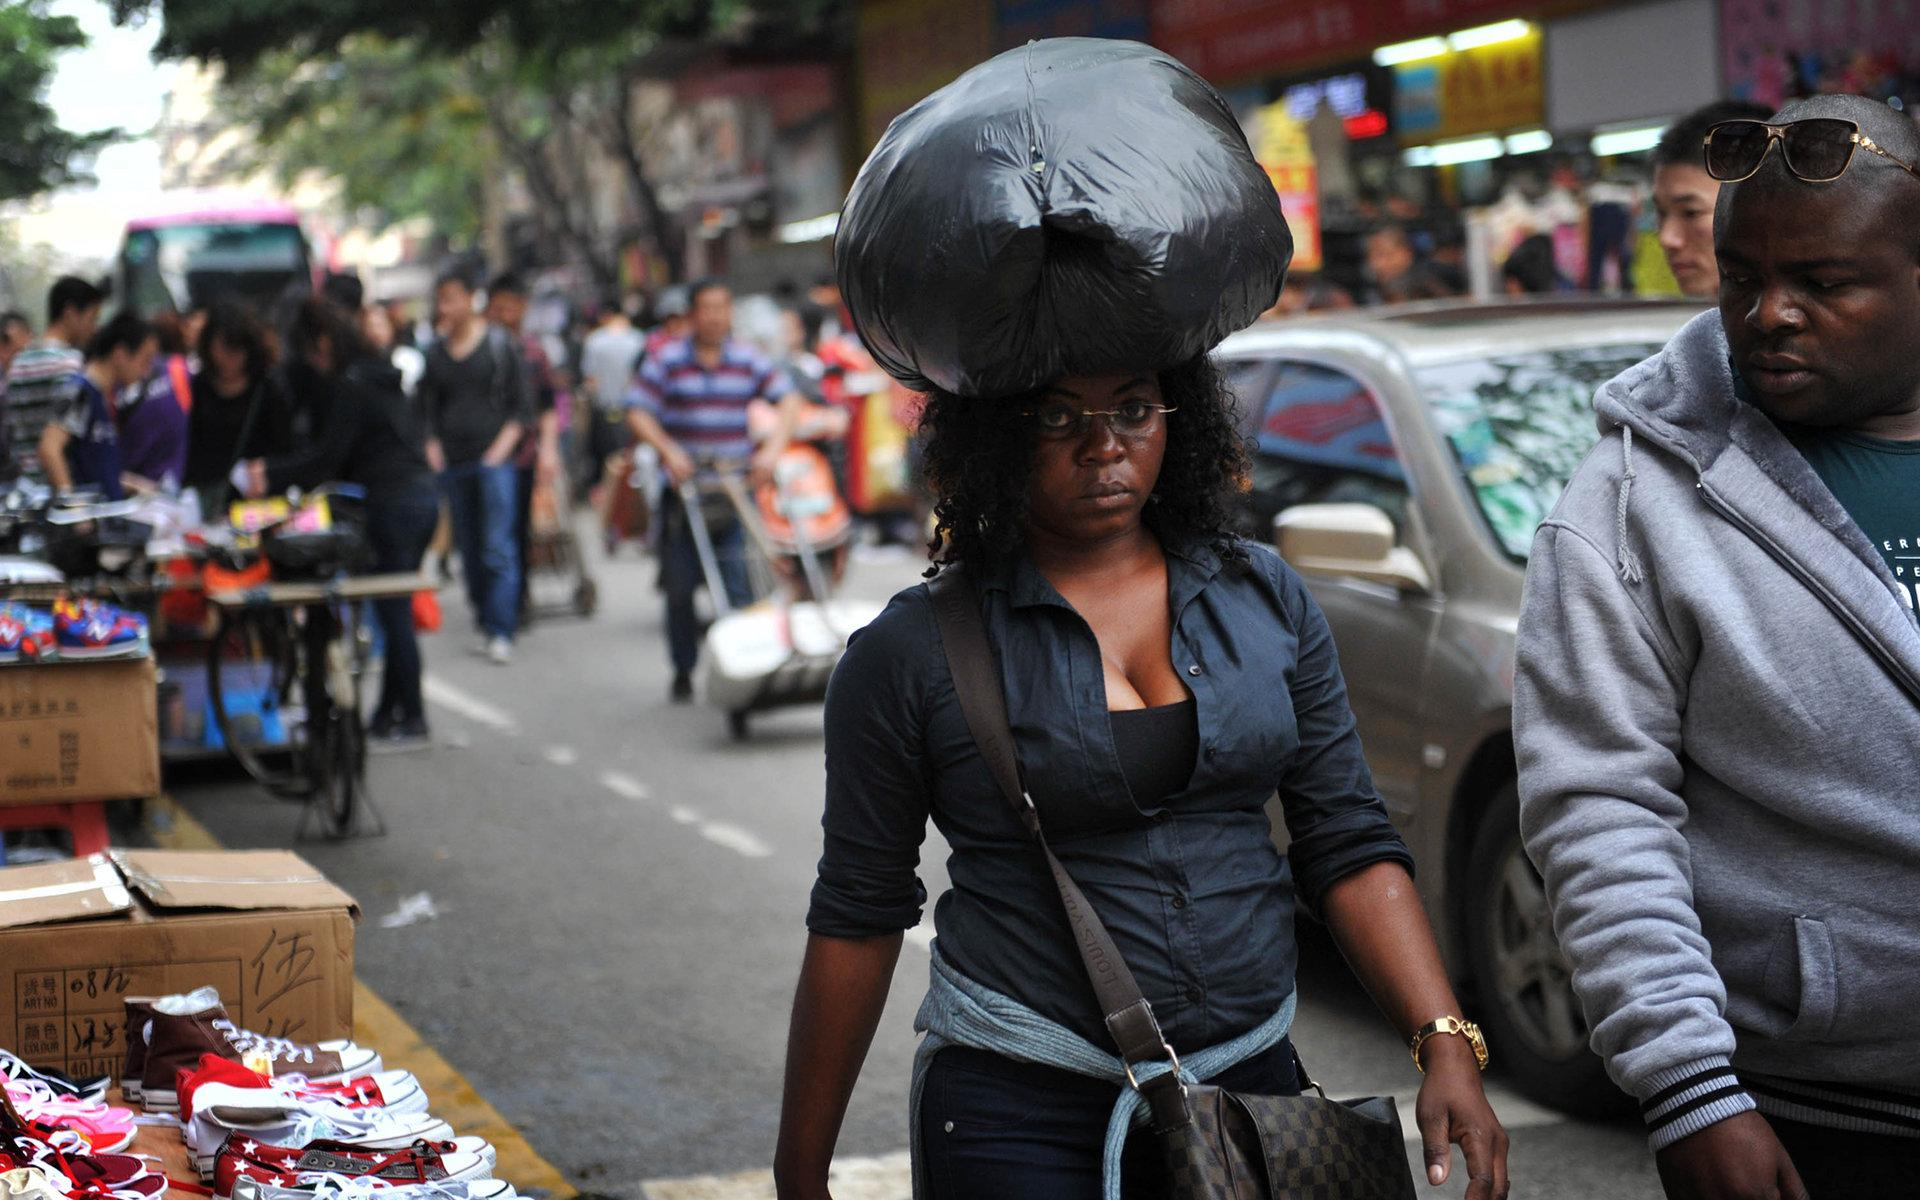 2014年4月3日,广州市一名黑人女子头顶刚挑选好的货品。/视觉中国